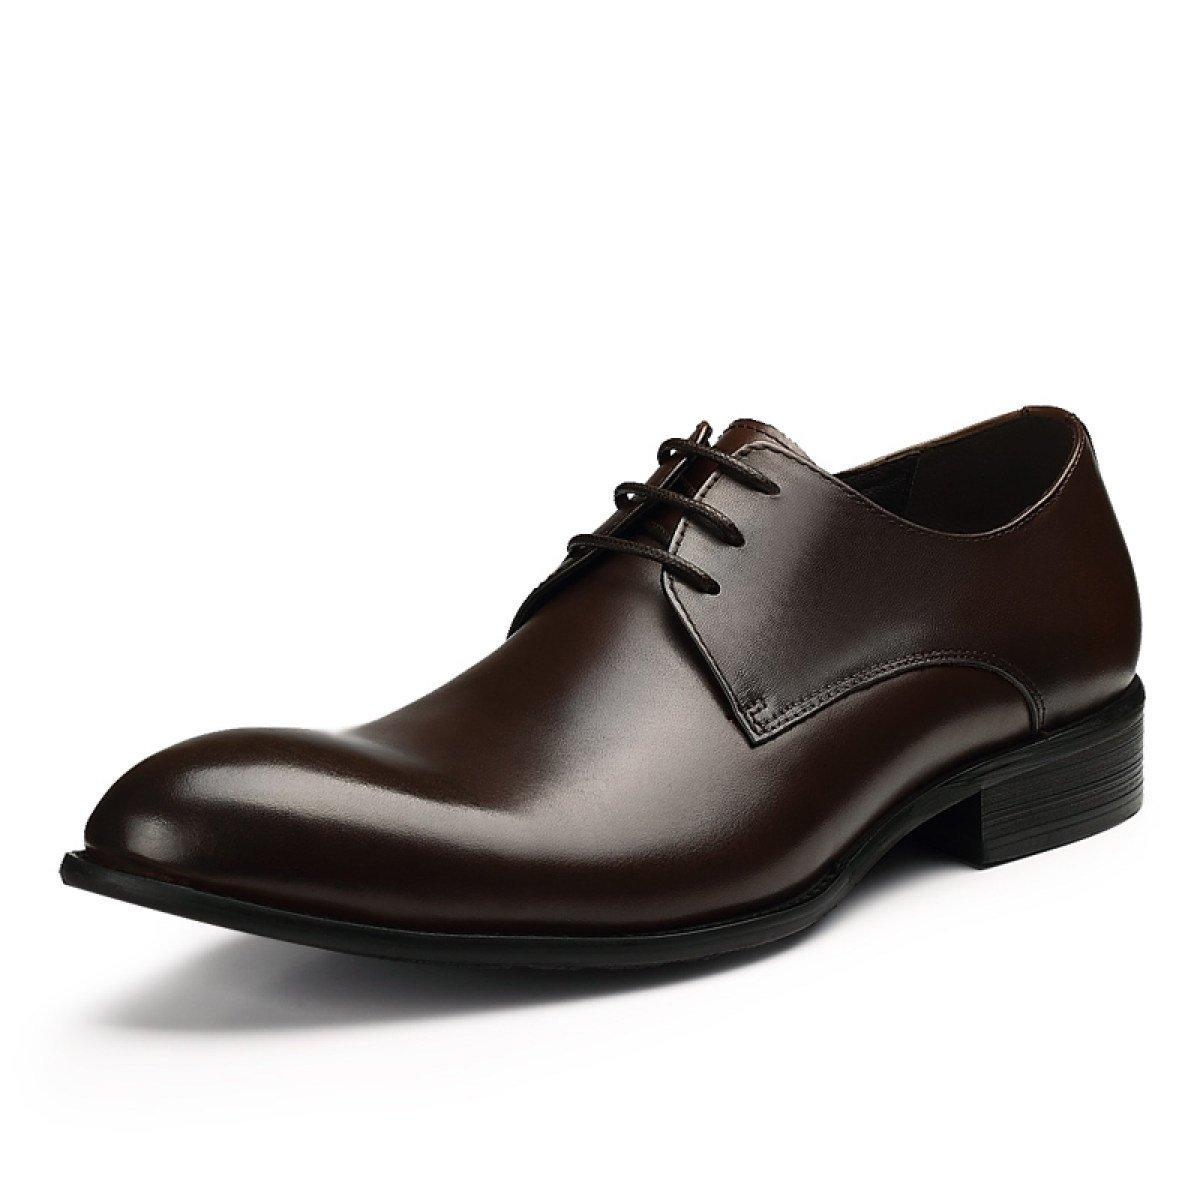 GRRONG Mauml;nner Mode-Business Kleid Schuhe Bequem Atmungs Bankett Schuhe  40 Brown